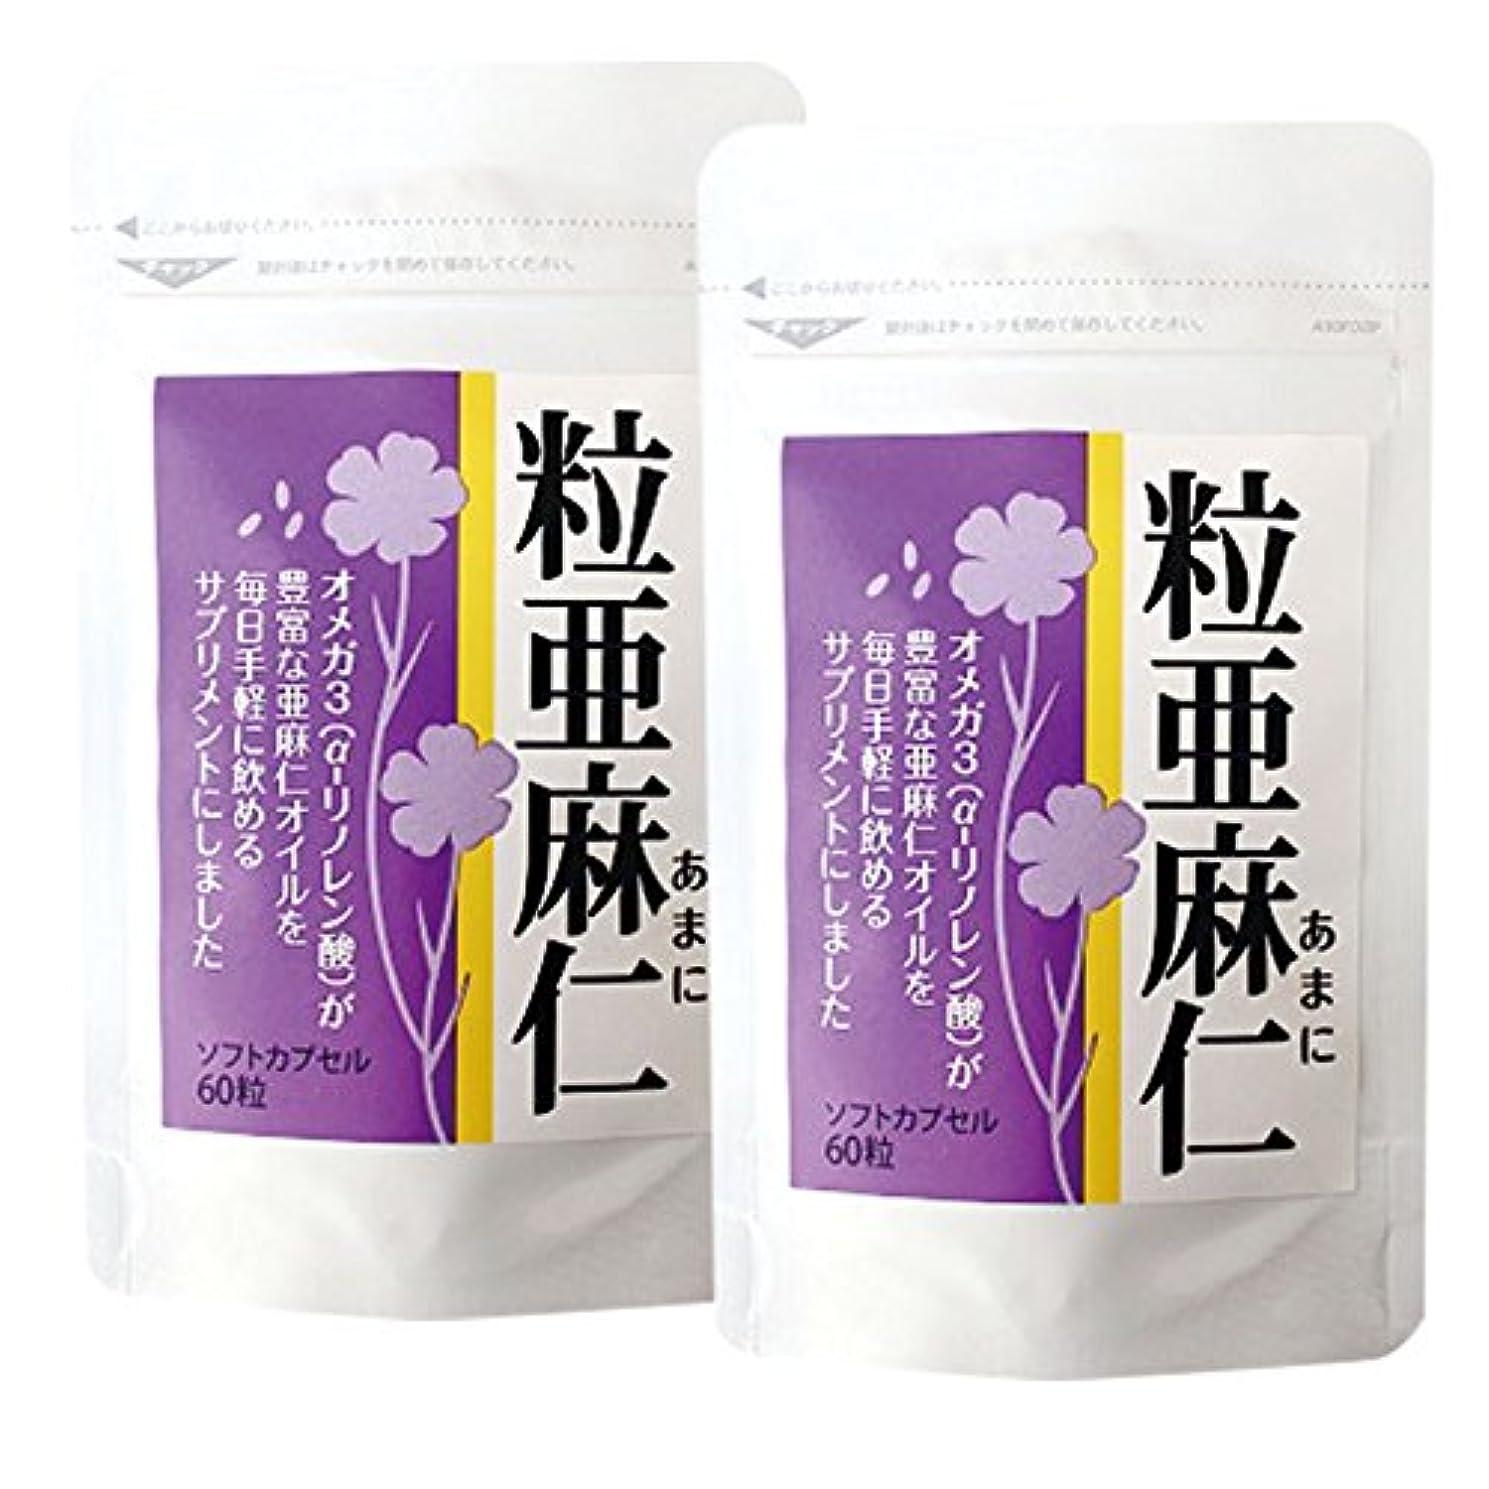 役立つコンドーム小数粒亜麻仁(60粒)×2袋セット